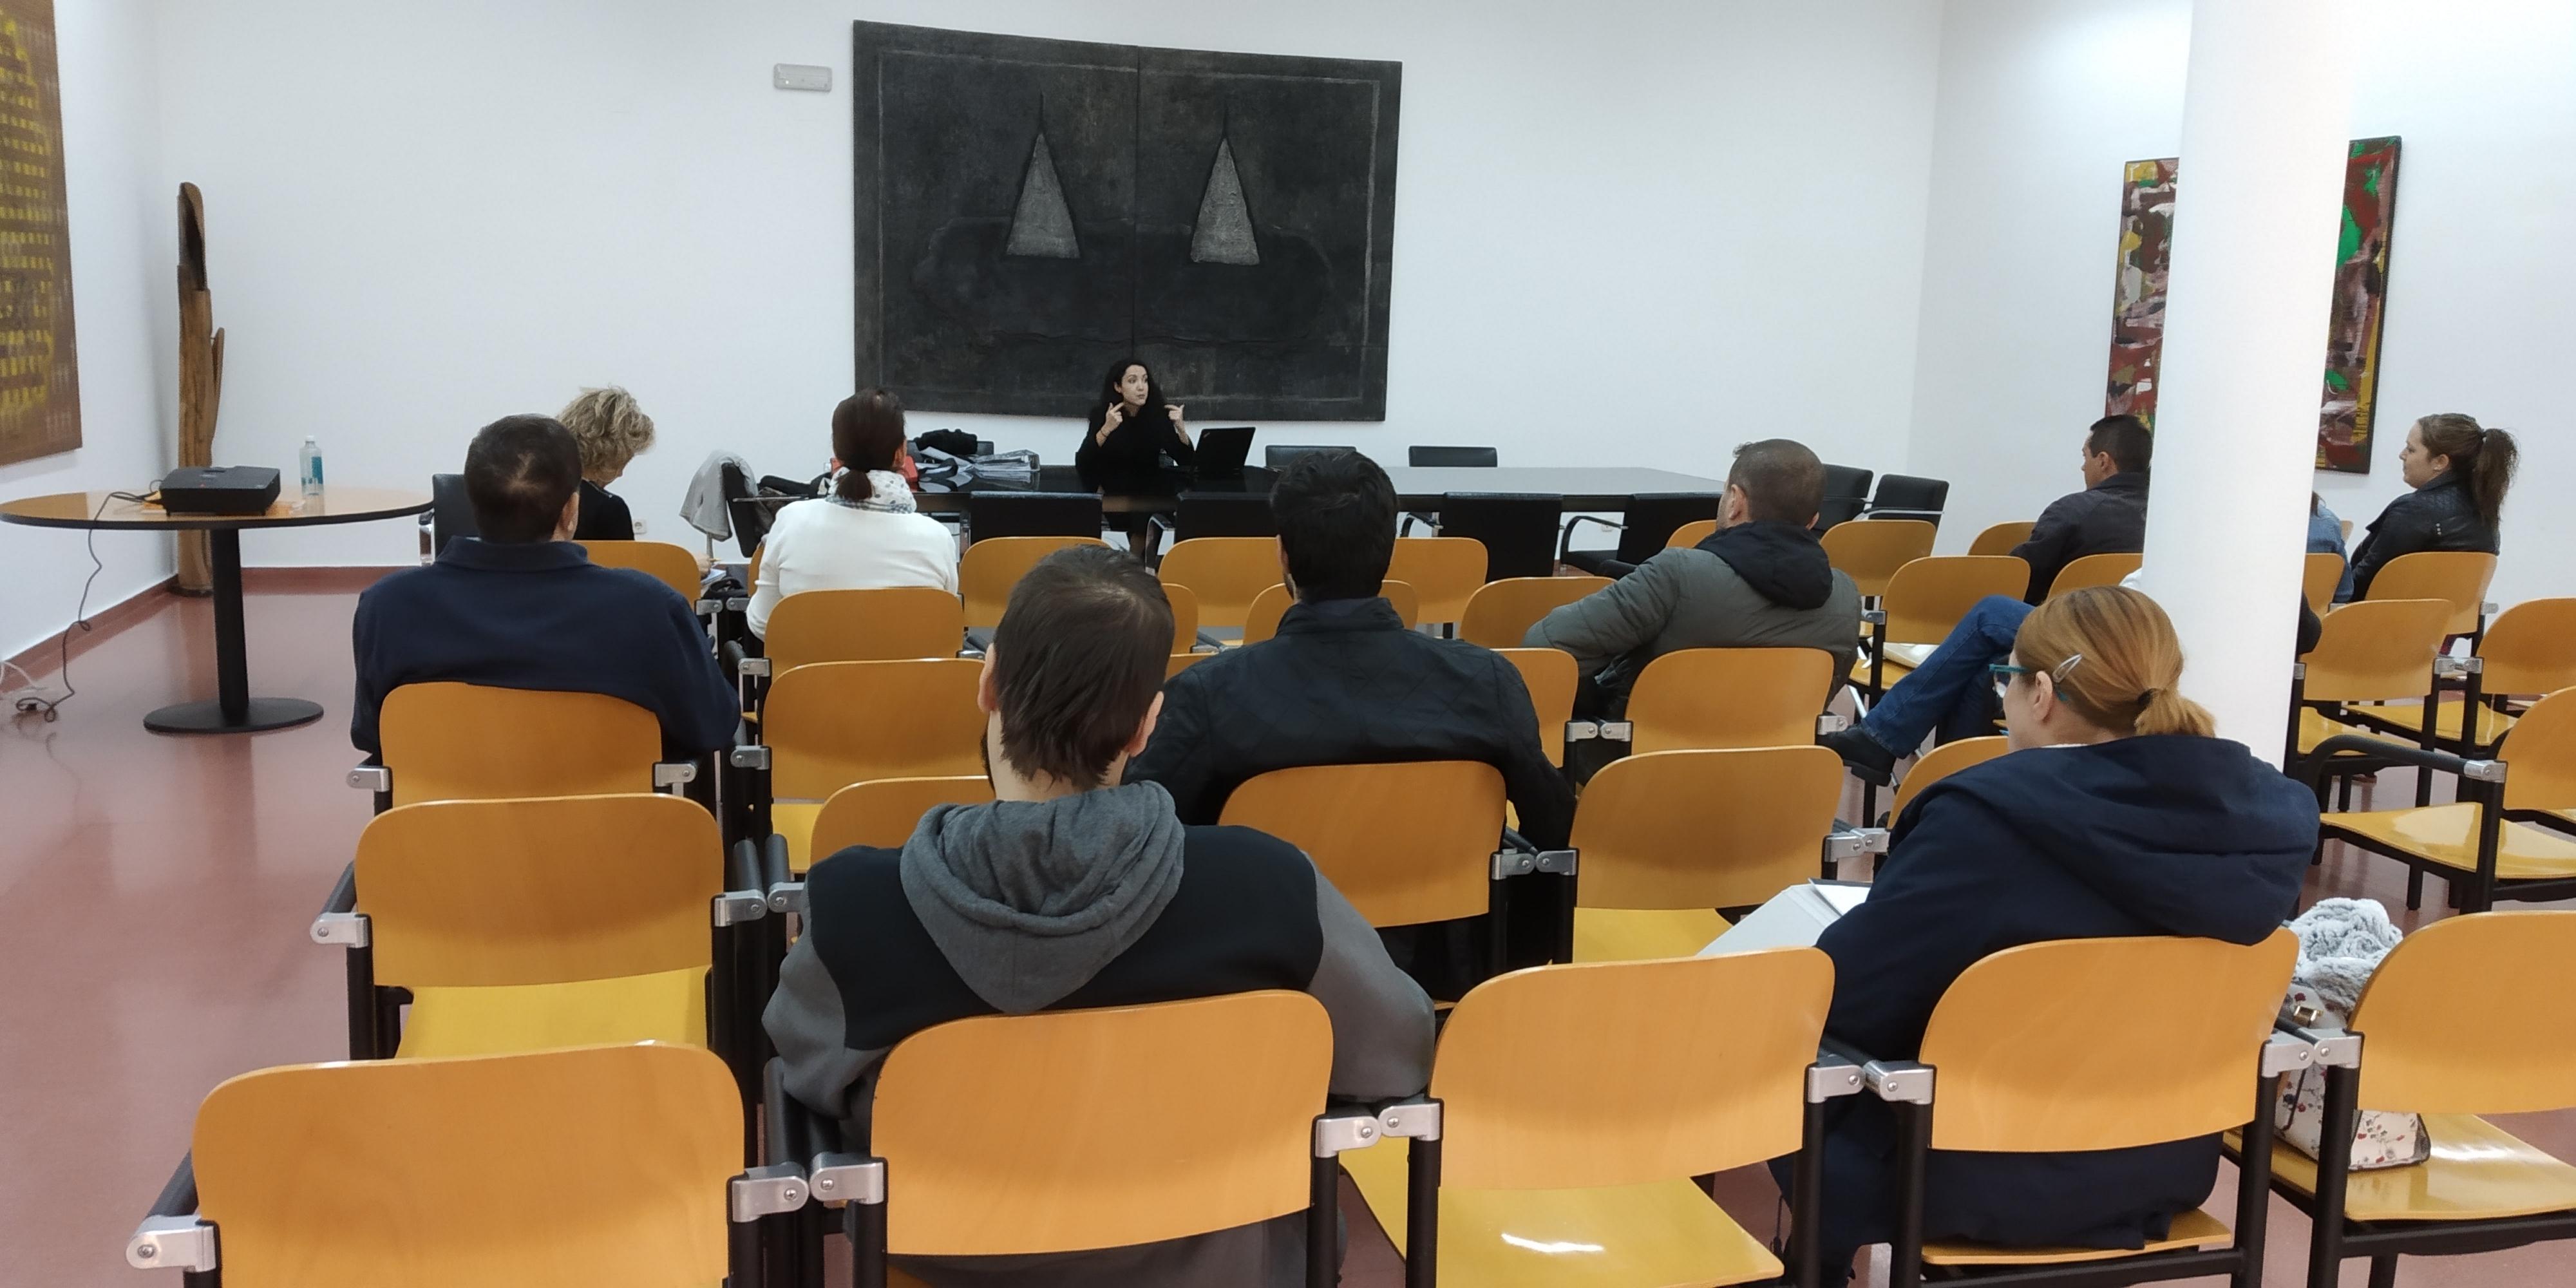 Alicia Agüero, Doctorada en Derecho y ponente de la mesa